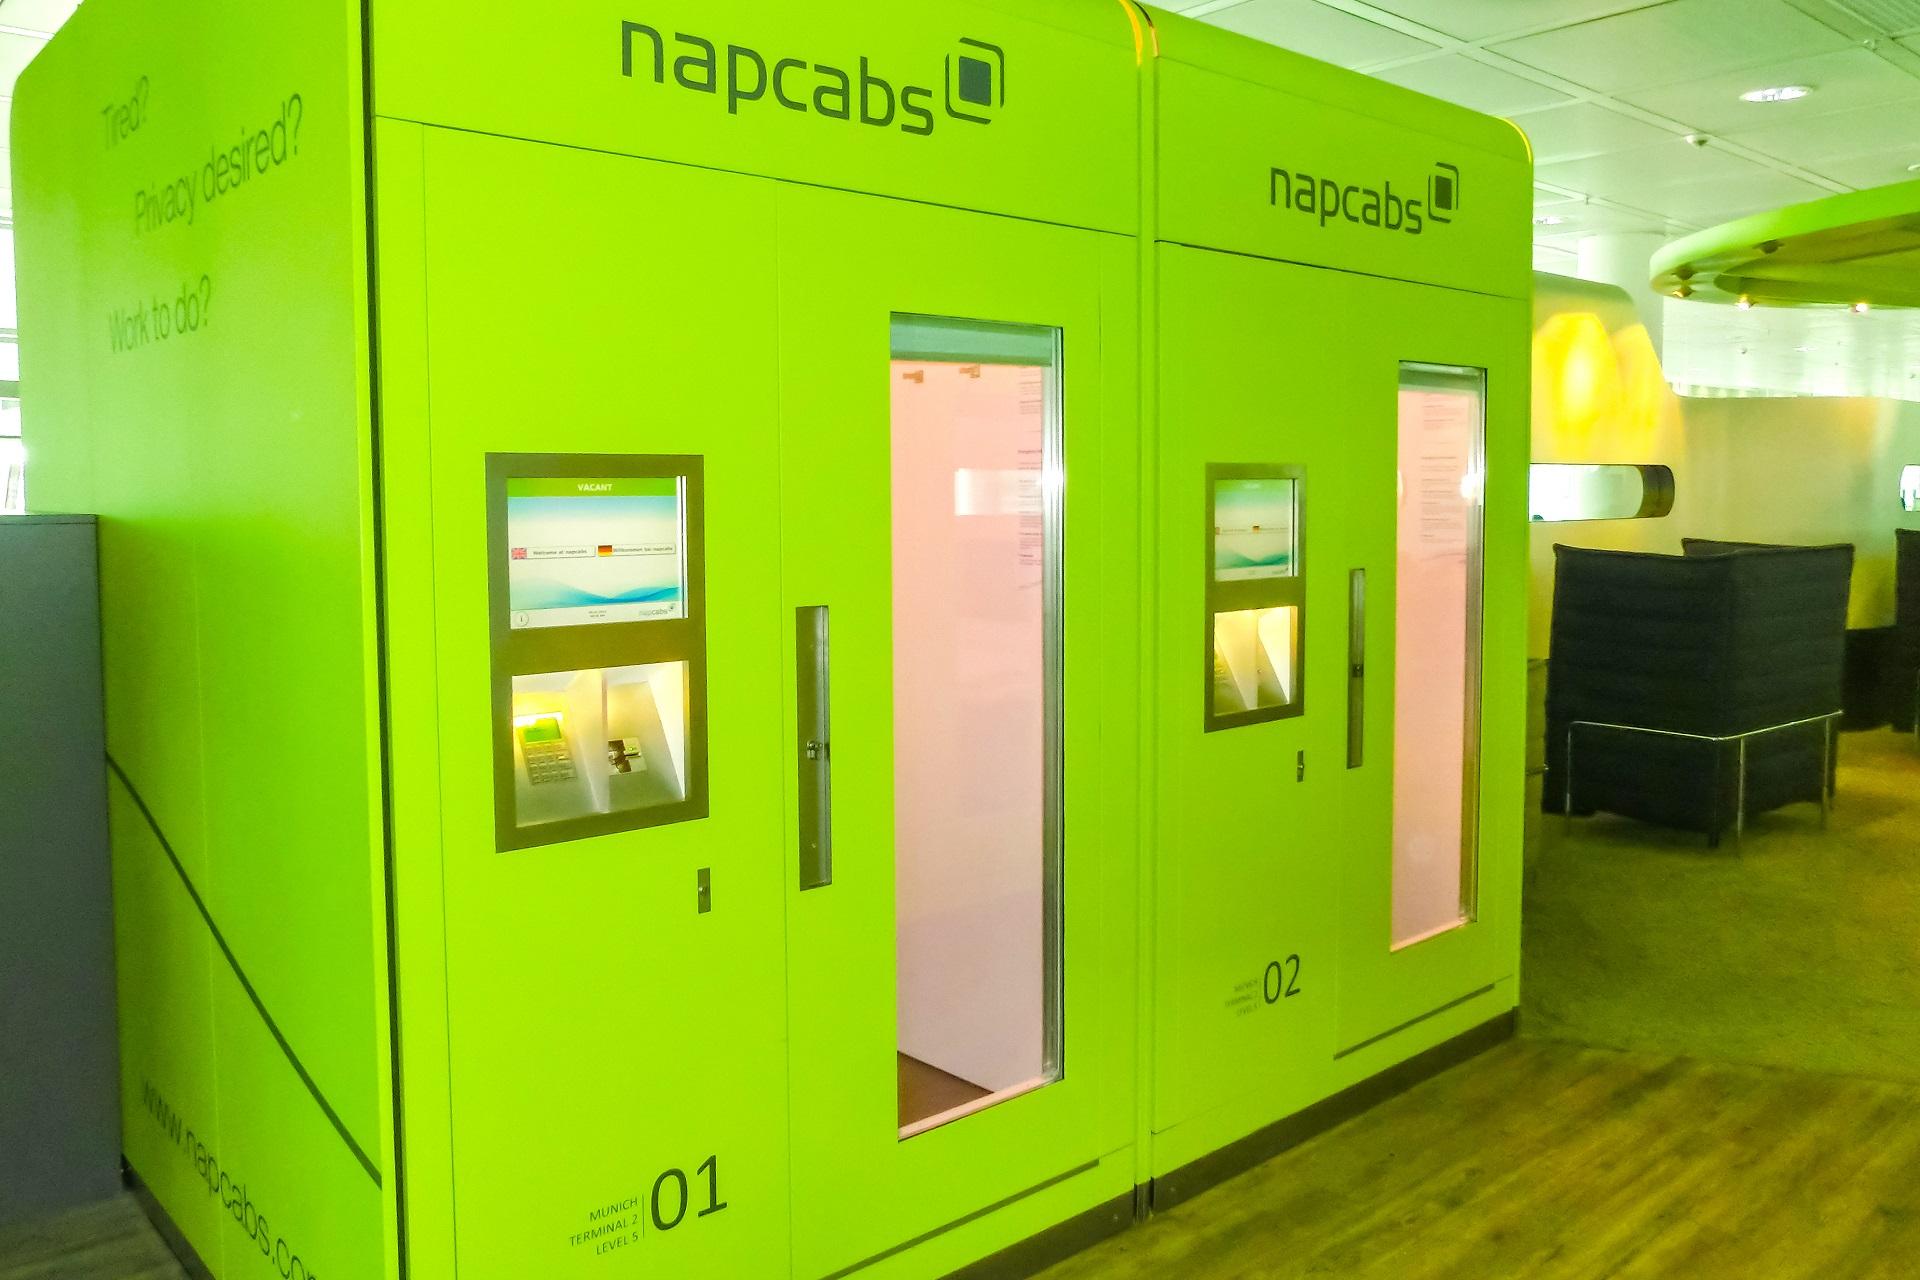 Schlafen am Flughafen Tipps, Napcab in München, Schlafbox